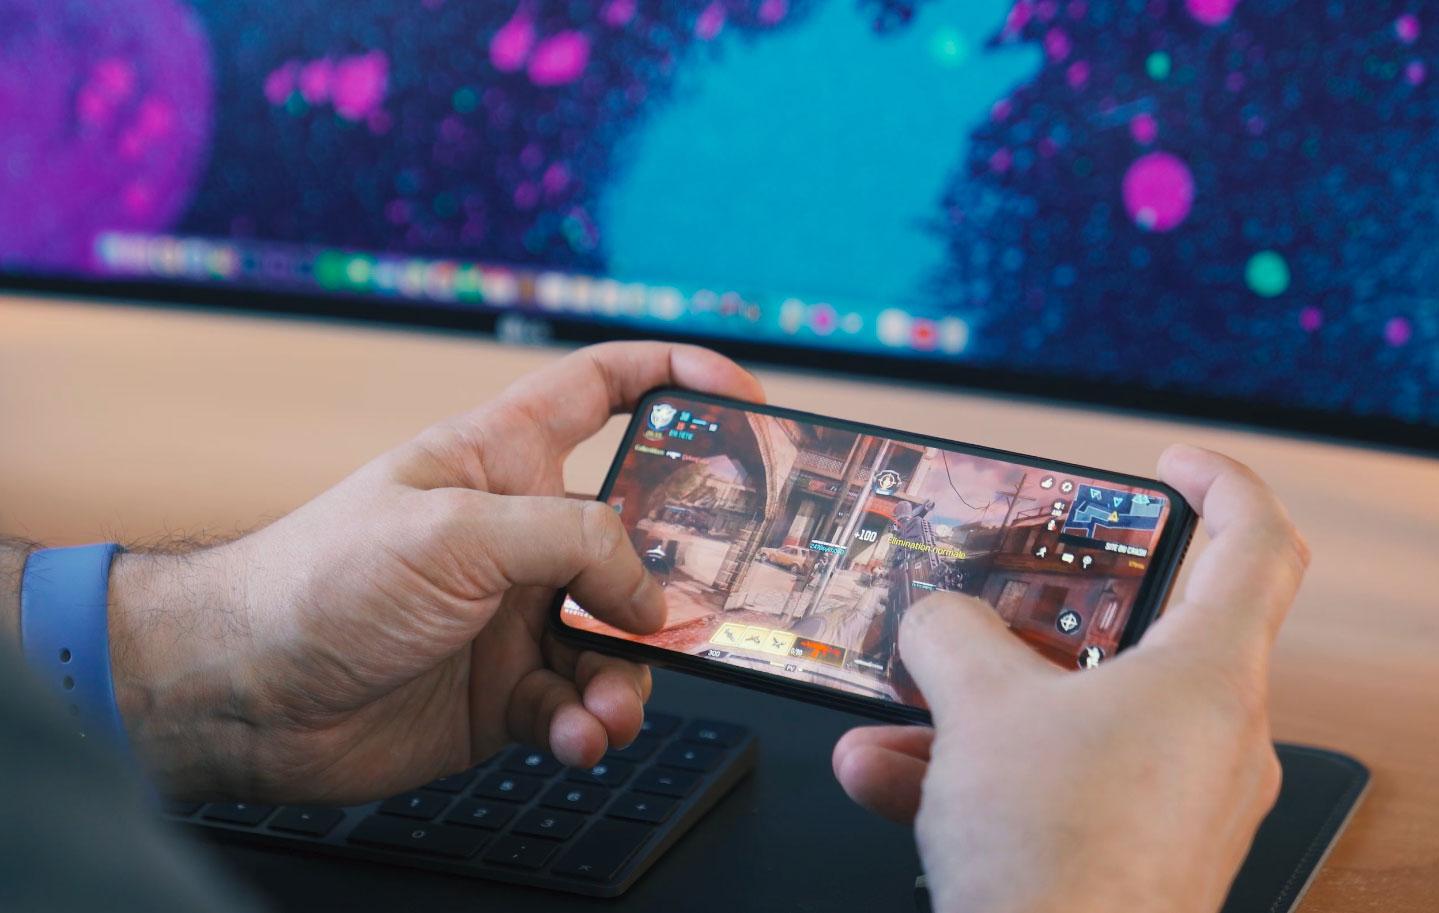 Les Galaxy A52 peuvent faire tourner la plupart des gros jeux